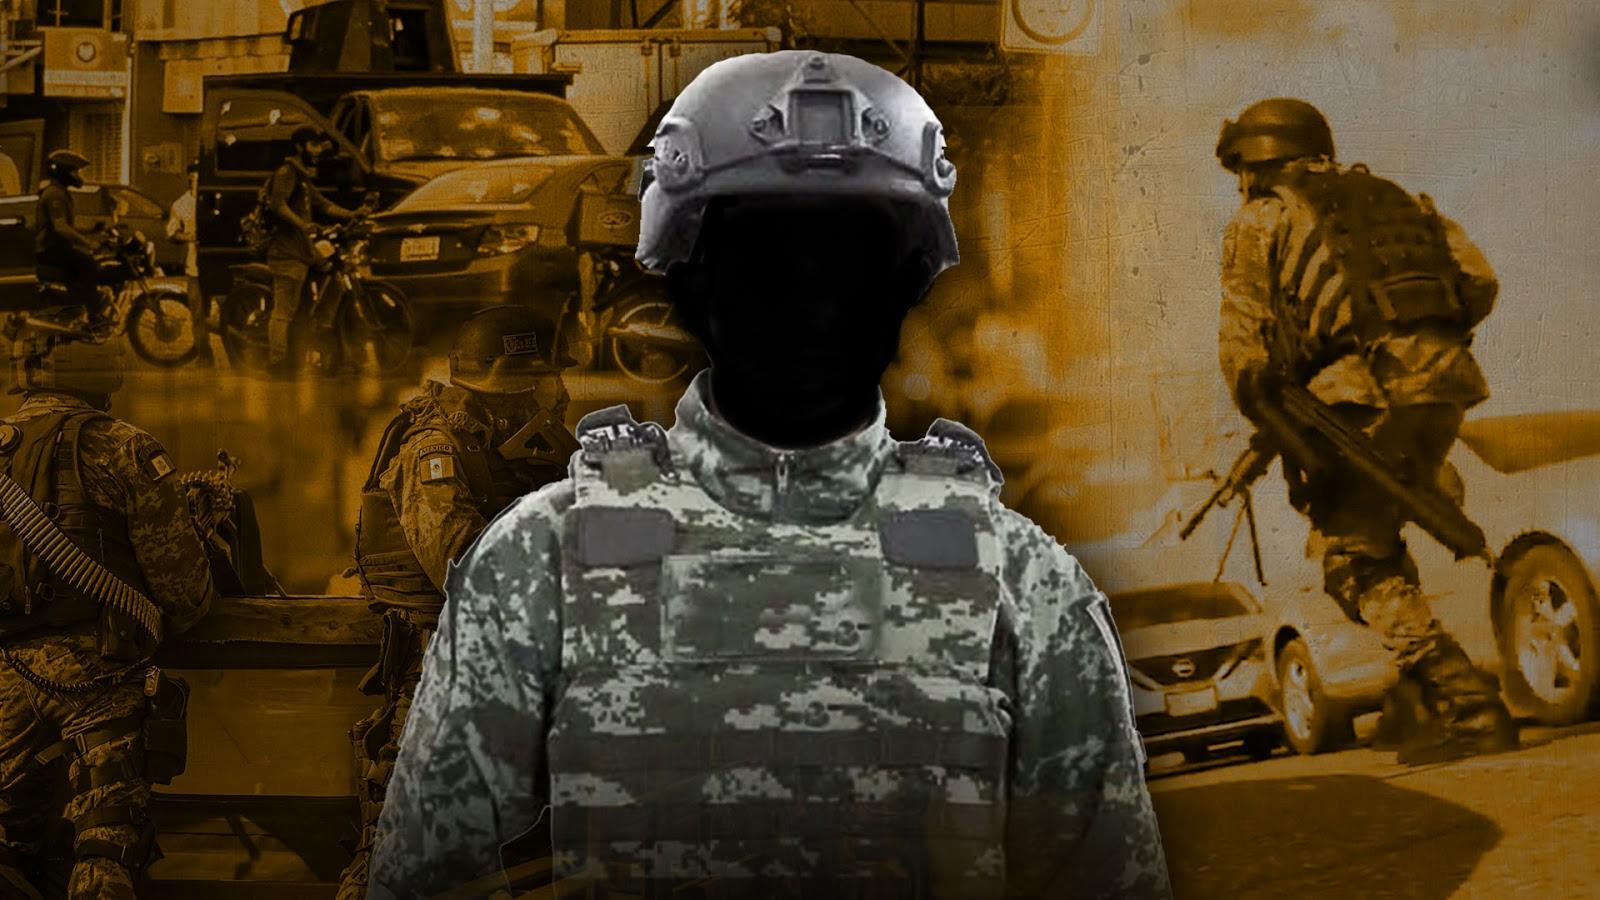 El GAIN el grupo élite del Ejército dedicado a capturar Narcos está enojado con el Presidente, Operar en secreto era clave de su éxito